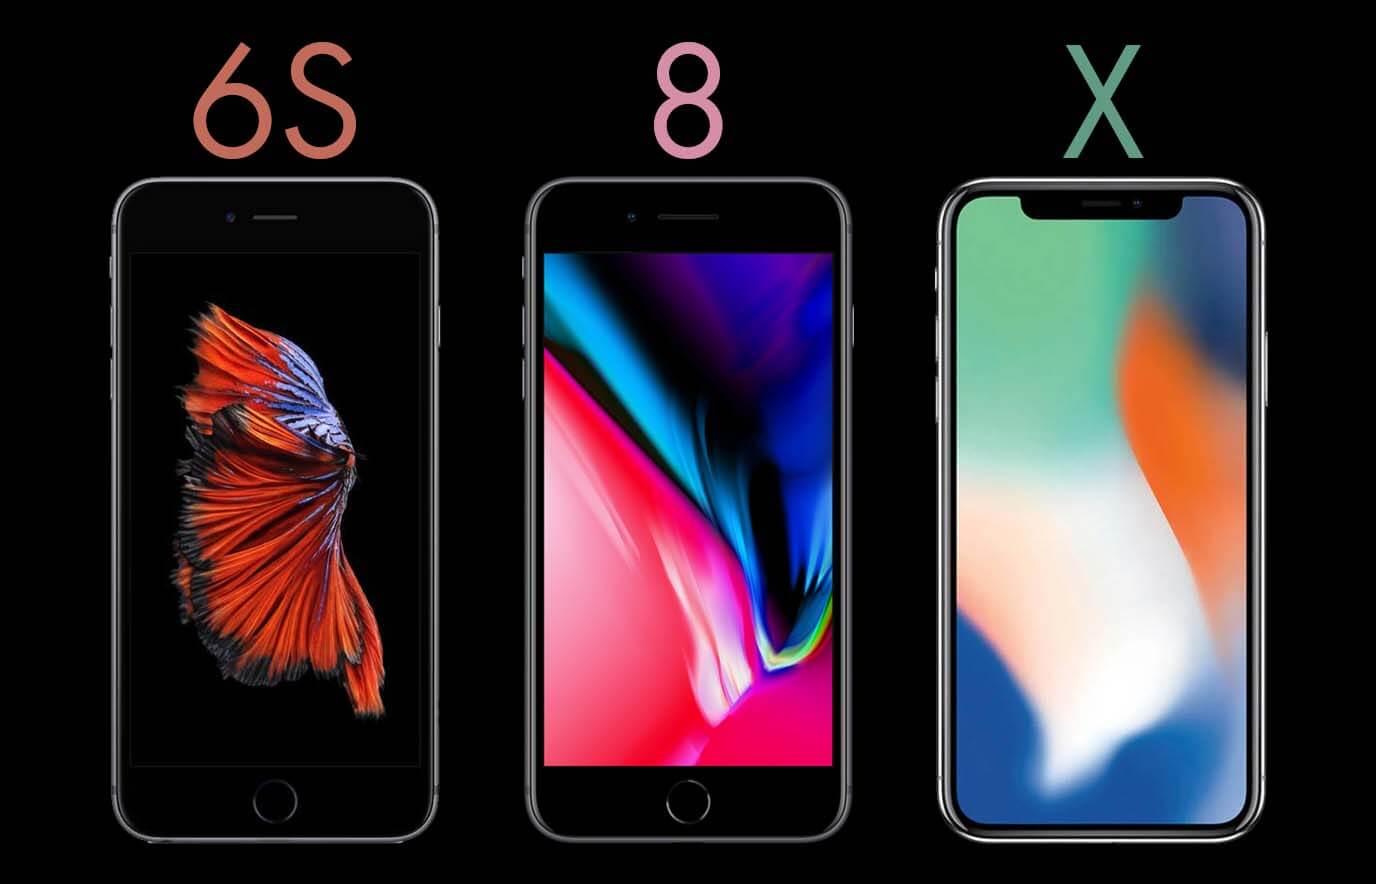 iPhone 6S, iPhone 8 en de iPhone X (5 vergelijkingen)